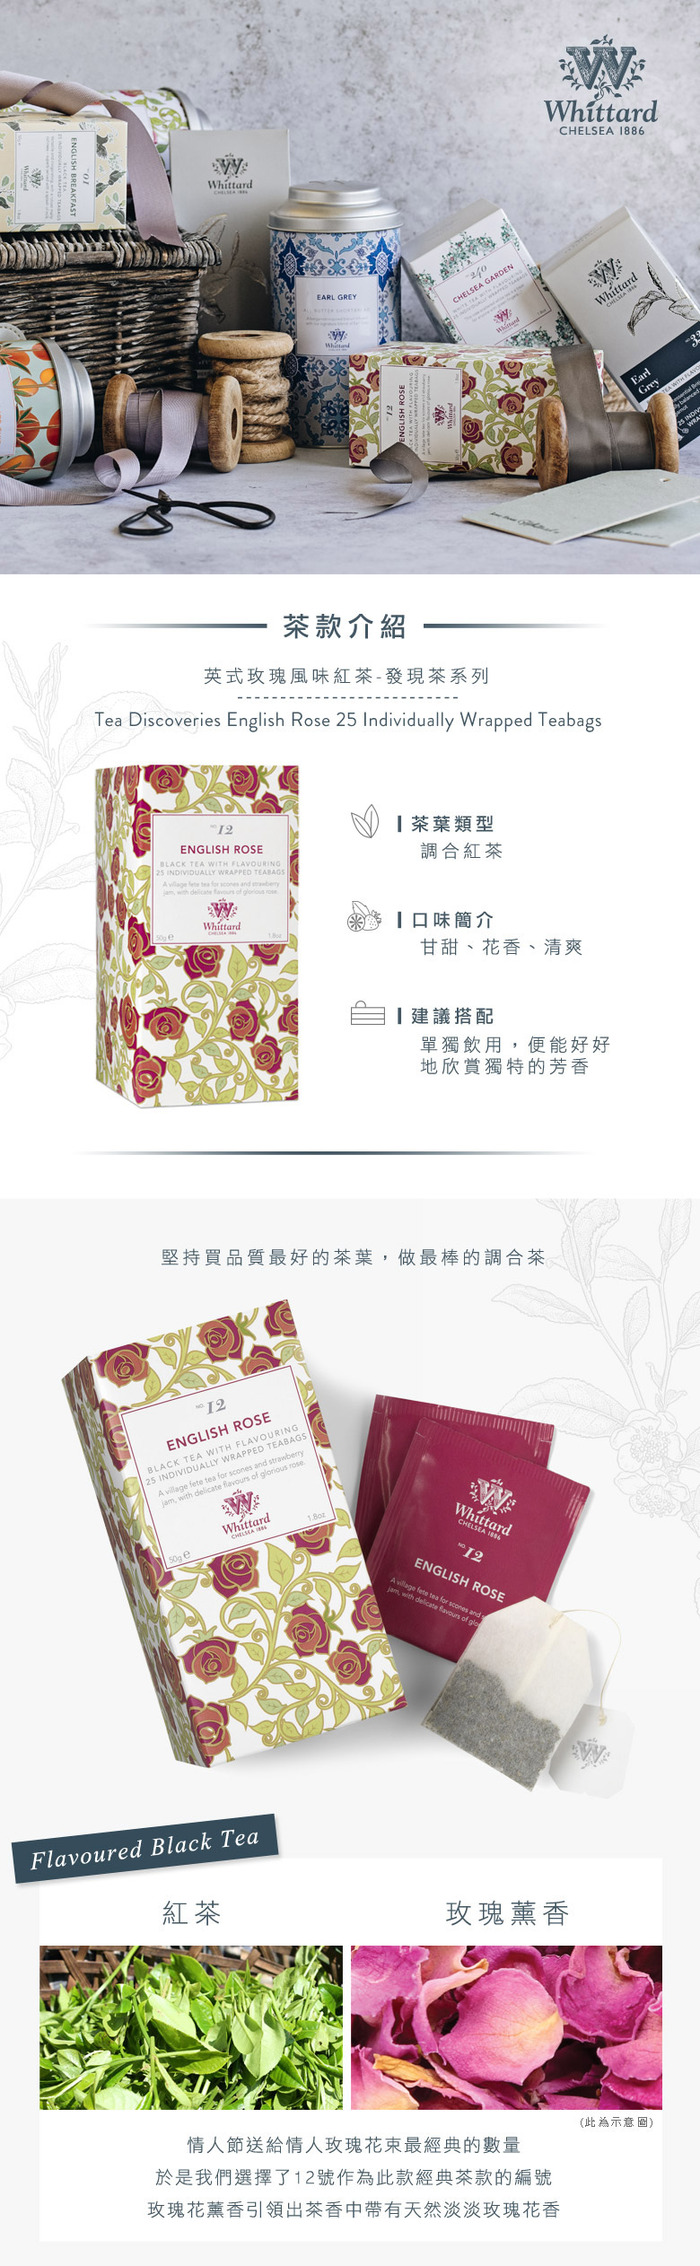 (複製)Whittard | 英式經典風味茶禮盒